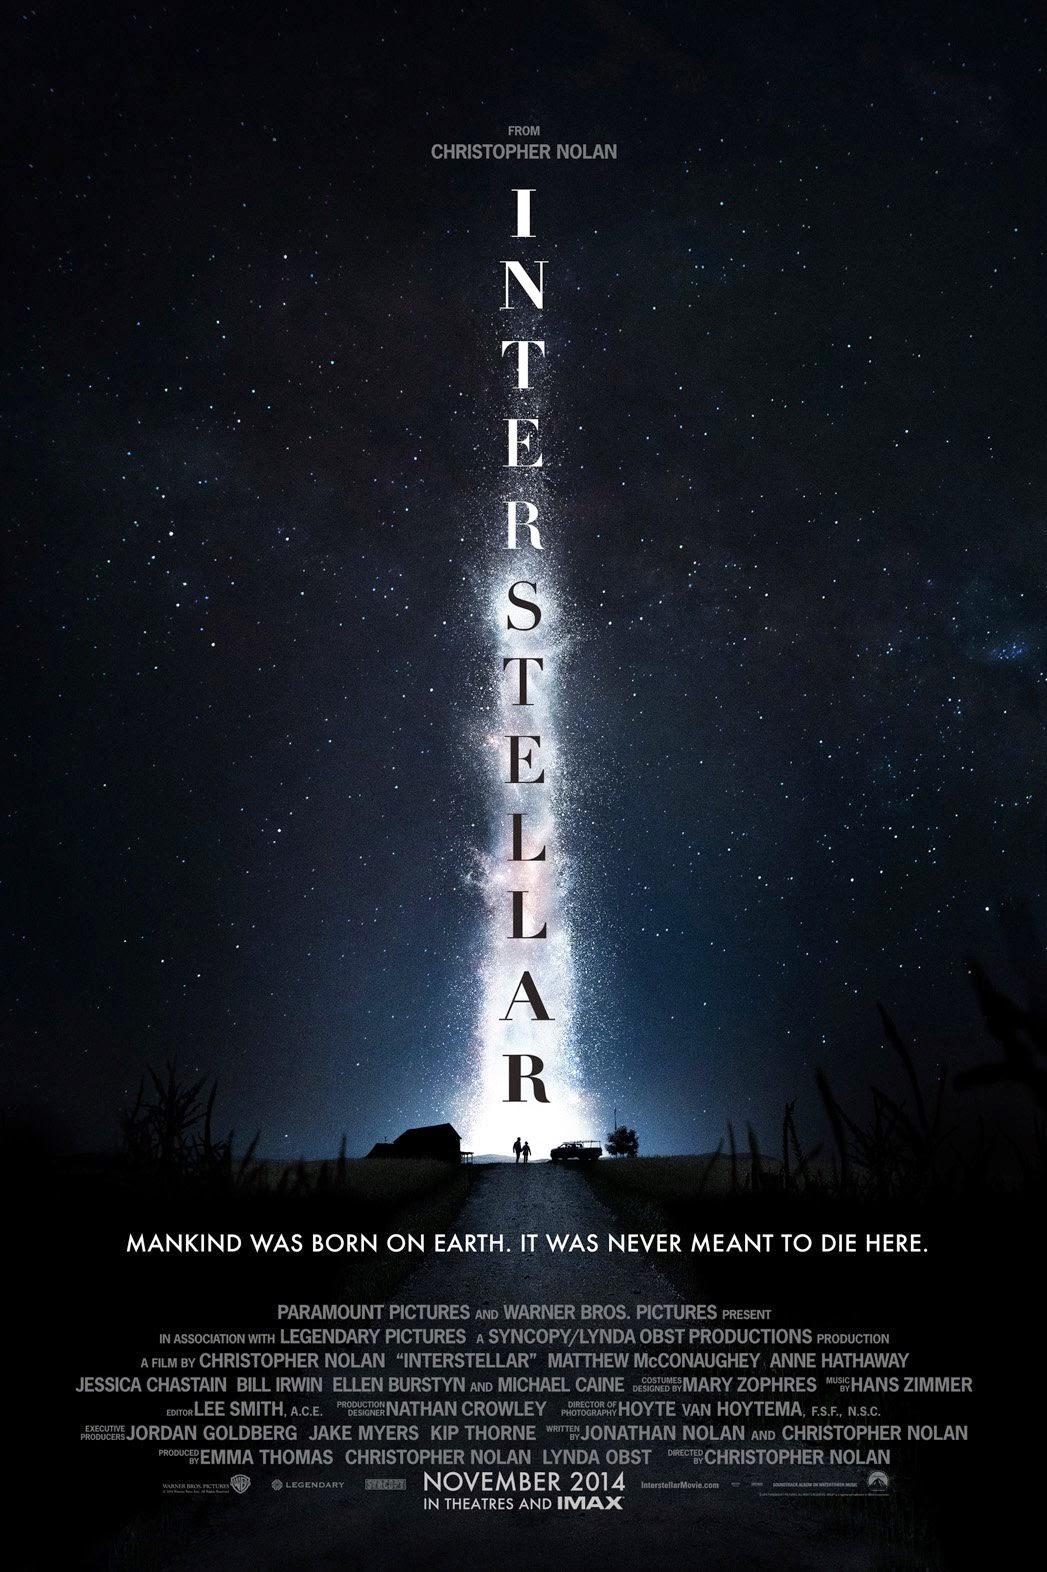 Interstellar, christopher nolan, 2014, mcconaughey, el zorro con gafas